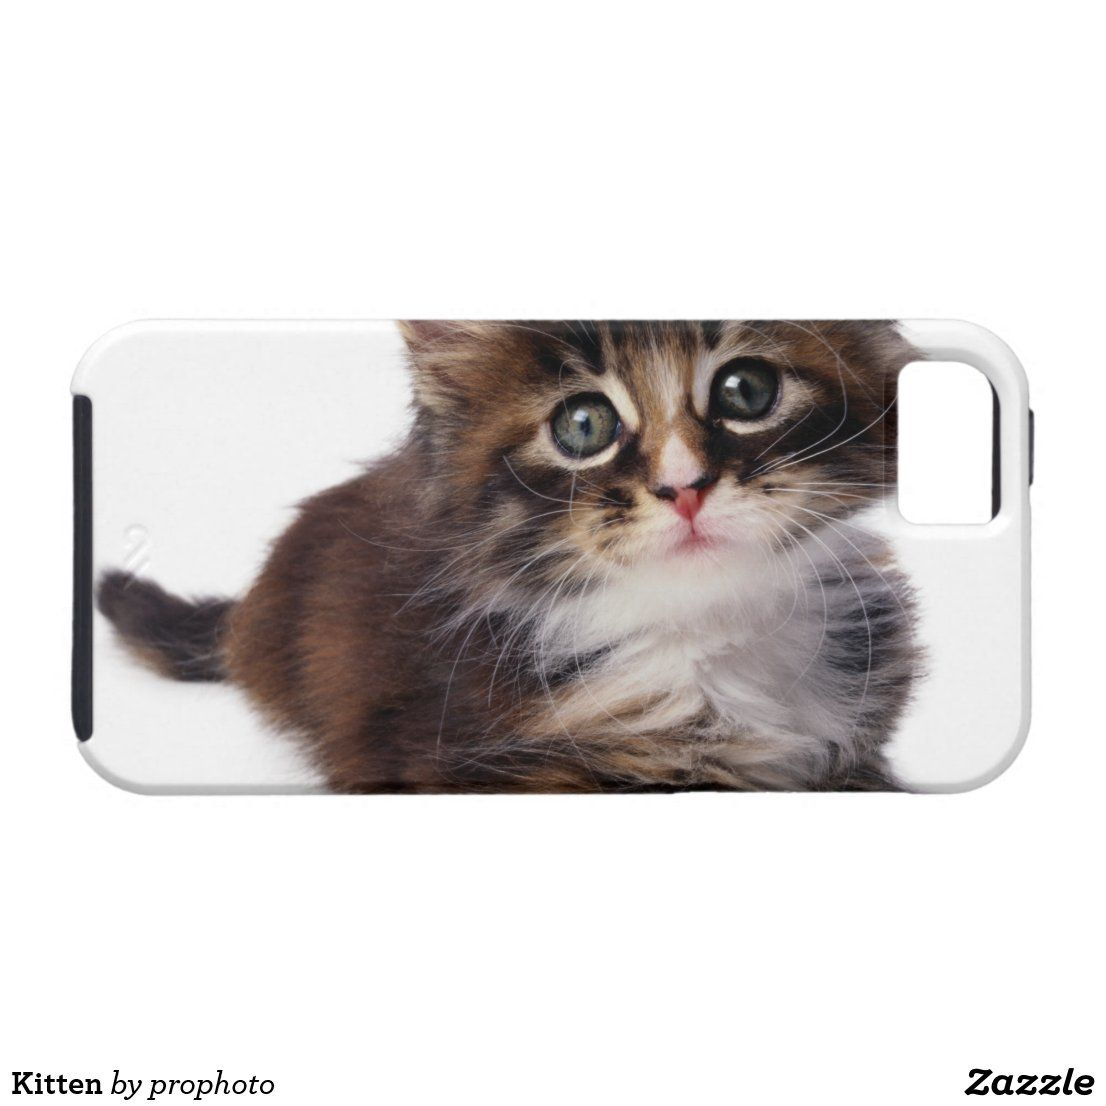 Kitten Case Mate Iphone Case Zazzle Com In 2020 Fluffy Phone Cases Iphone Cases Iphone